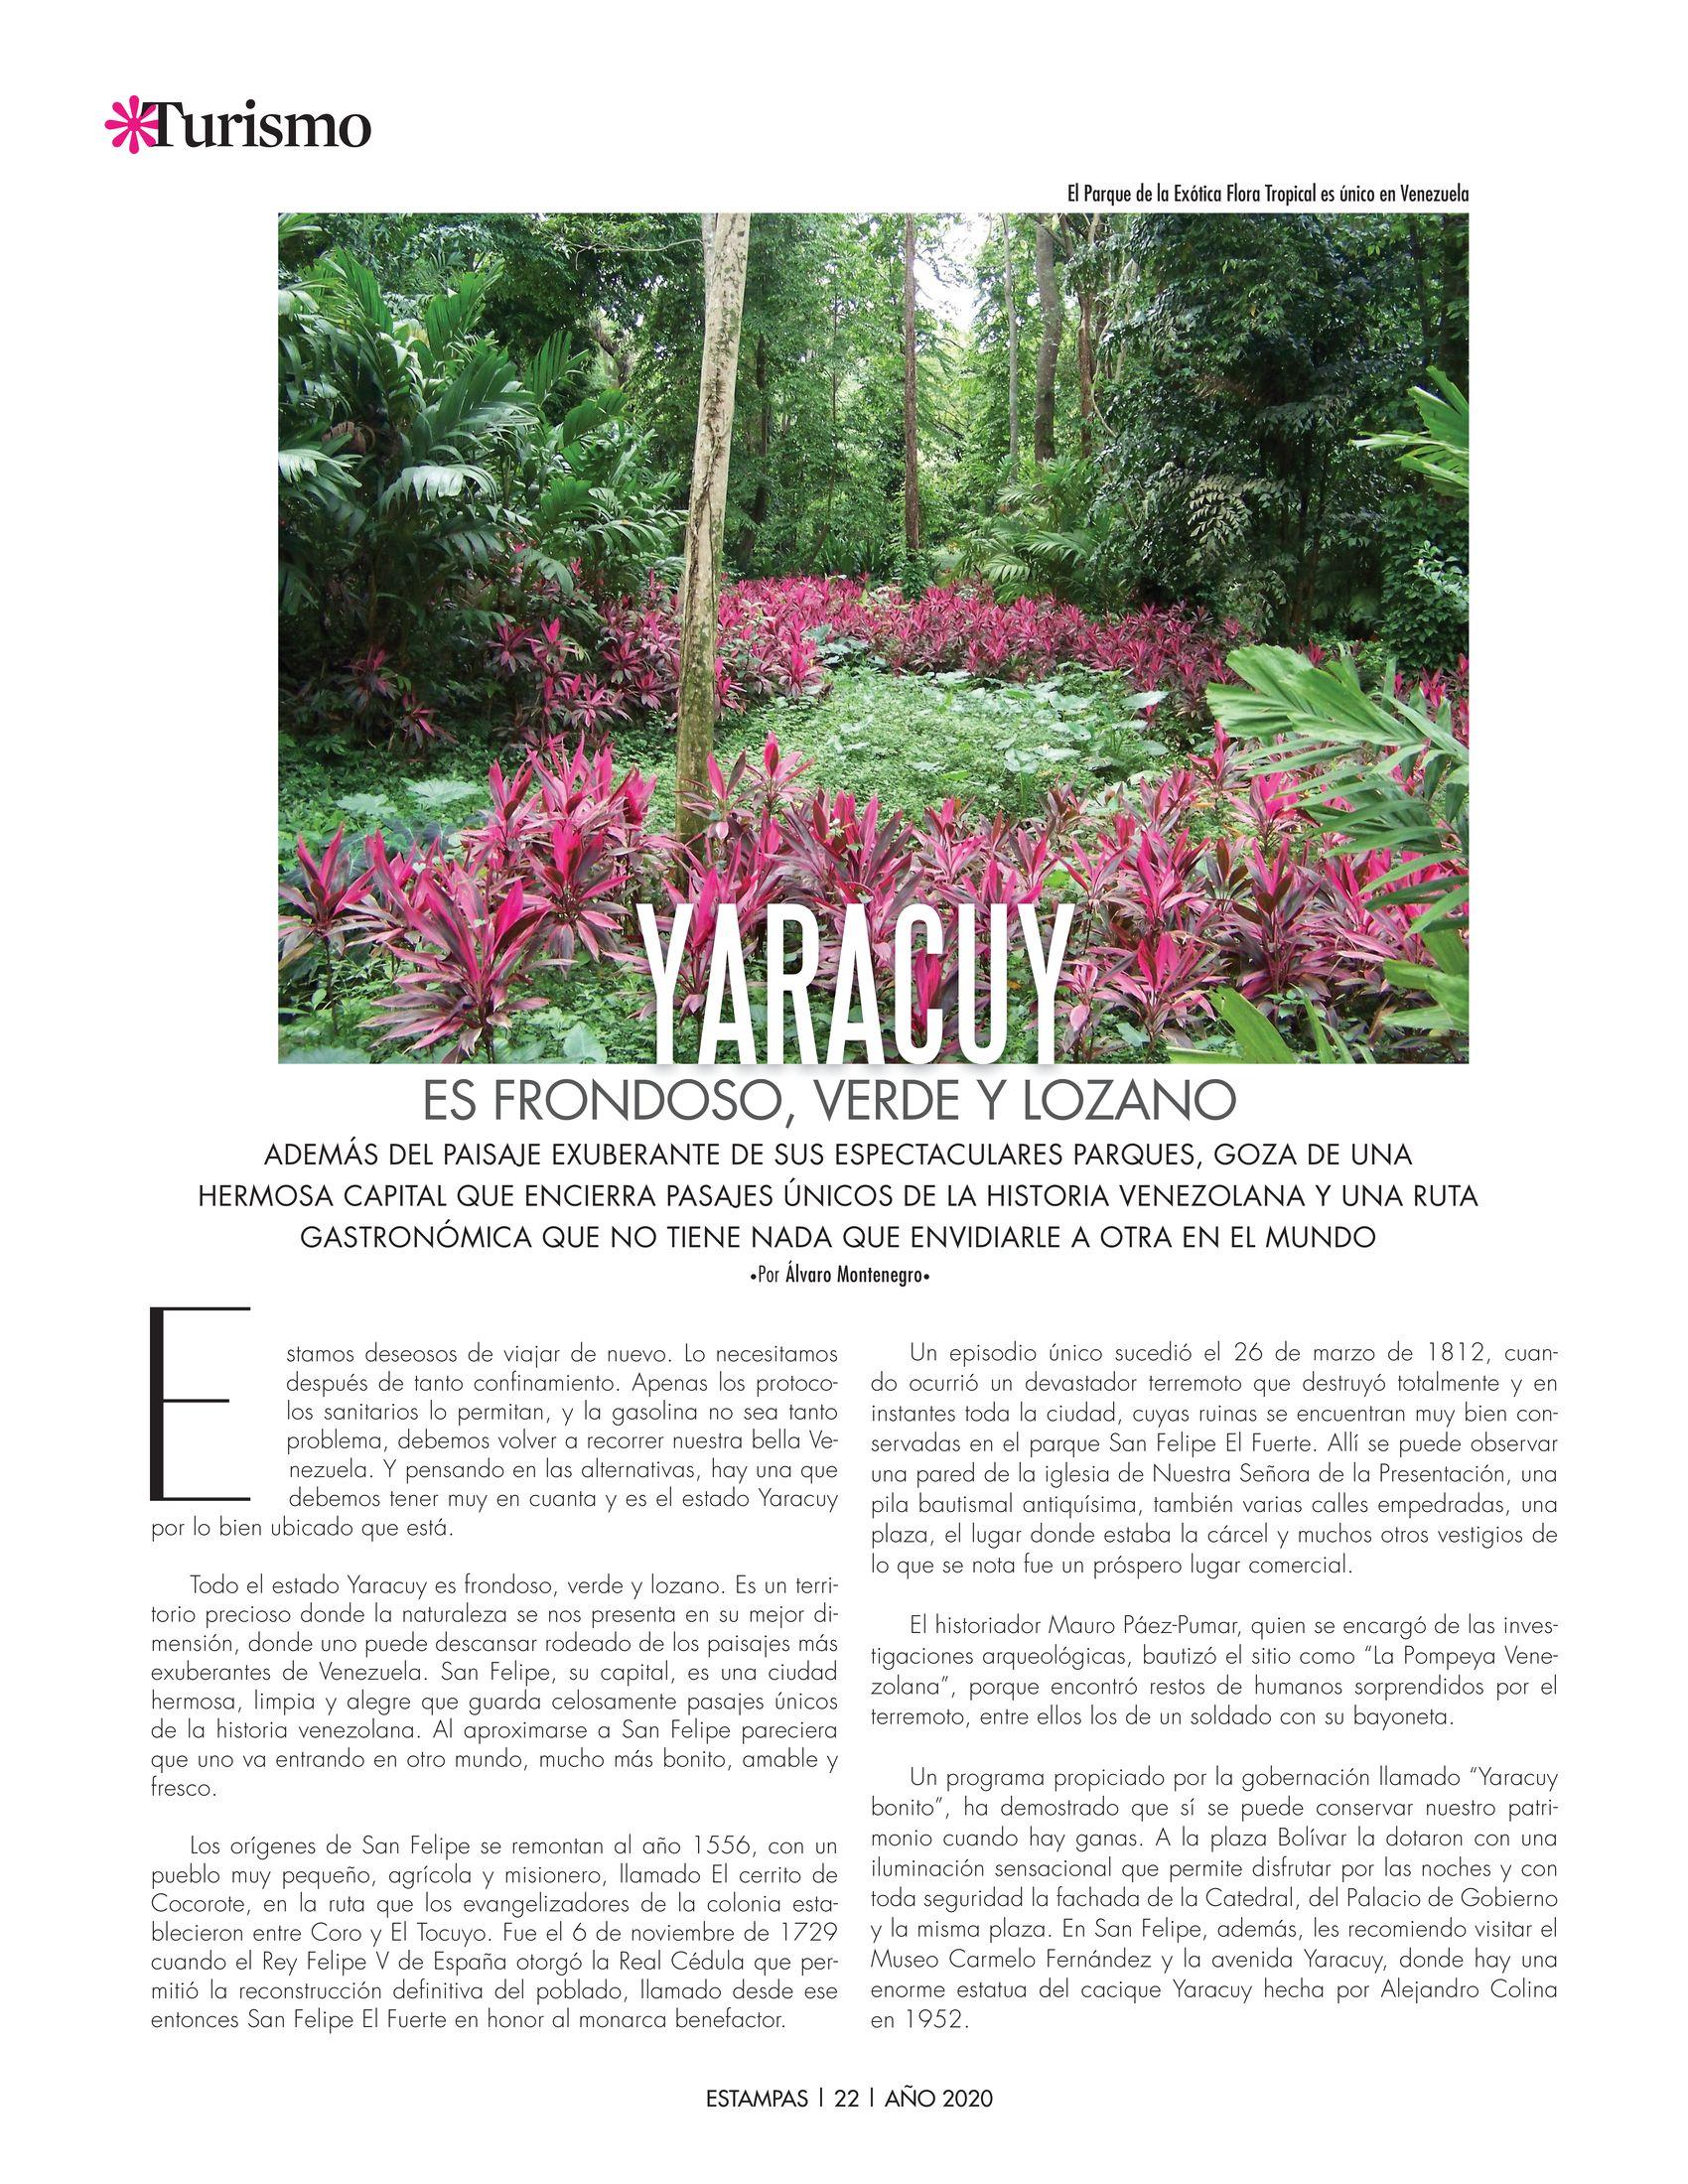 22-REV Turismo:  Álvaro Montenegro - Yaracuy es frondoso verde y lozano